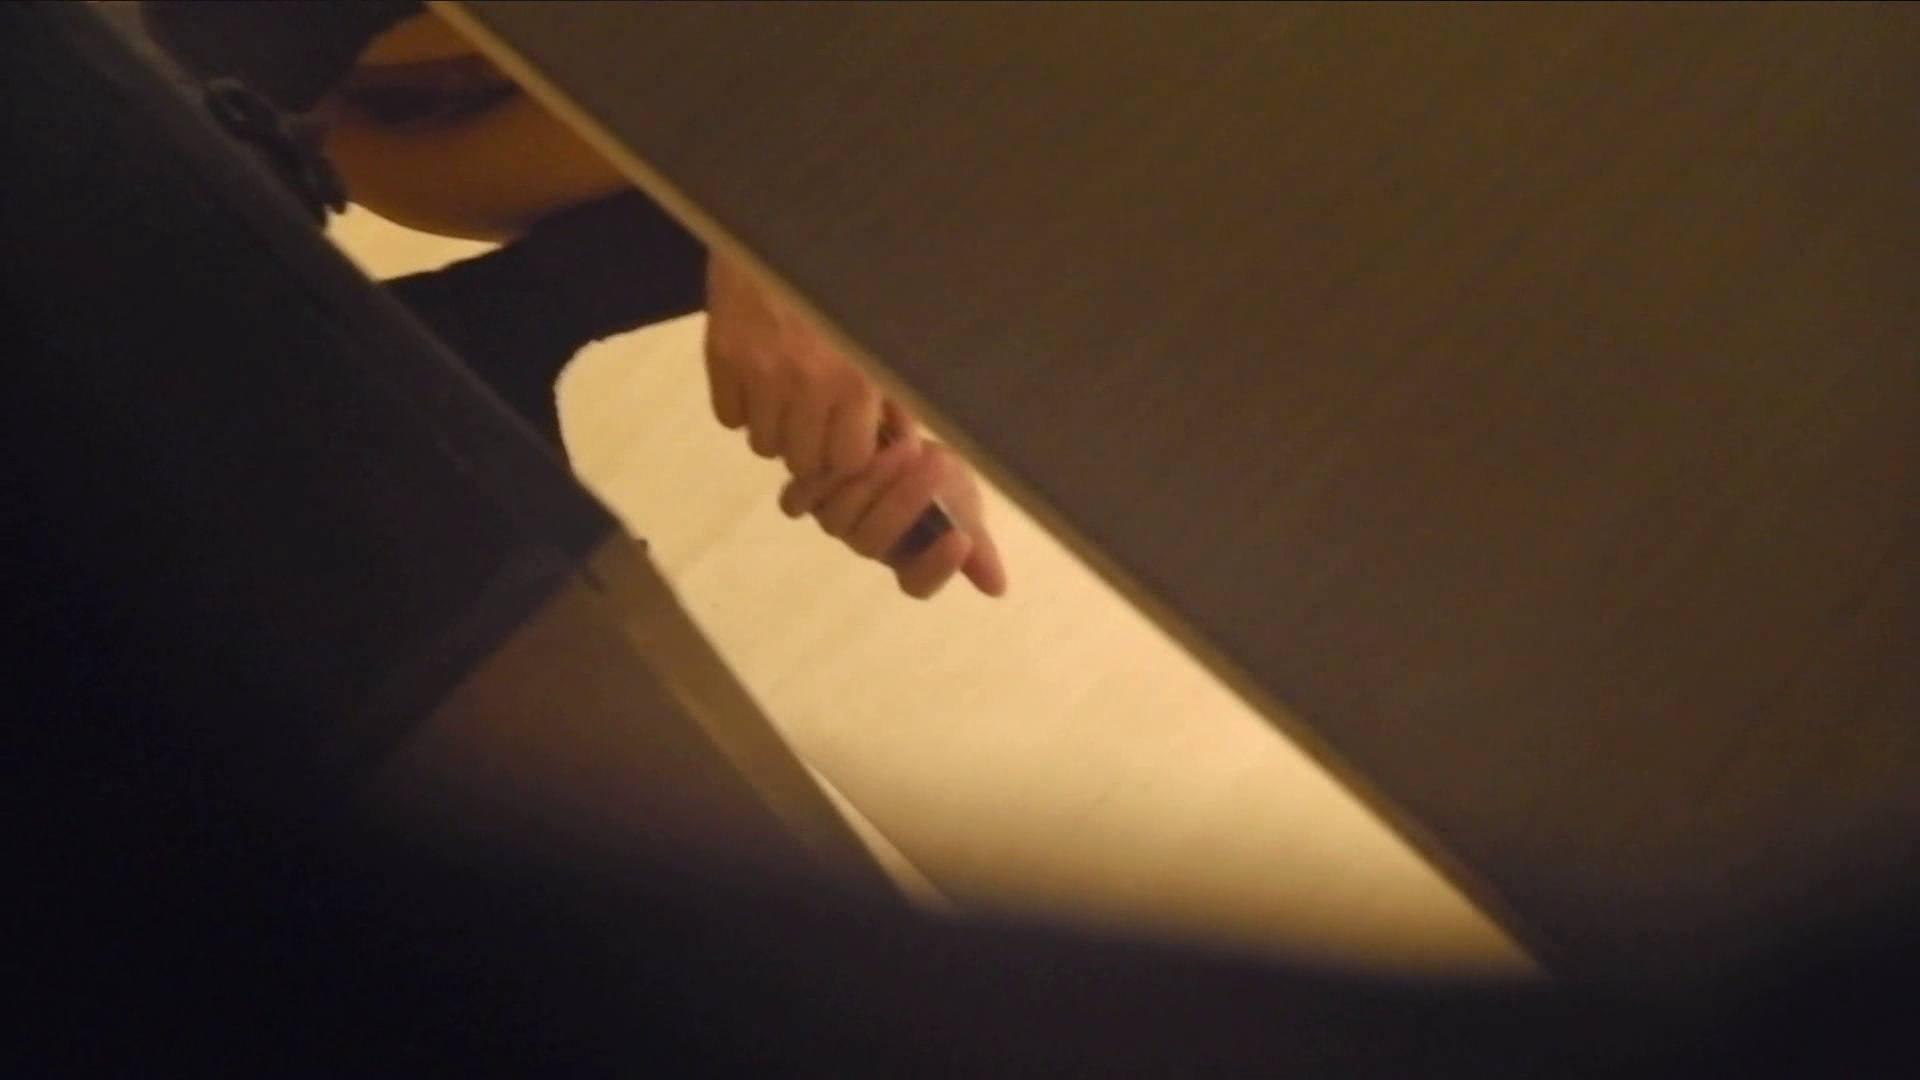 阿国ちゃんの「和式洋式七変化」No.17 高評価 アダルト動画キャプチャ 97pic 67